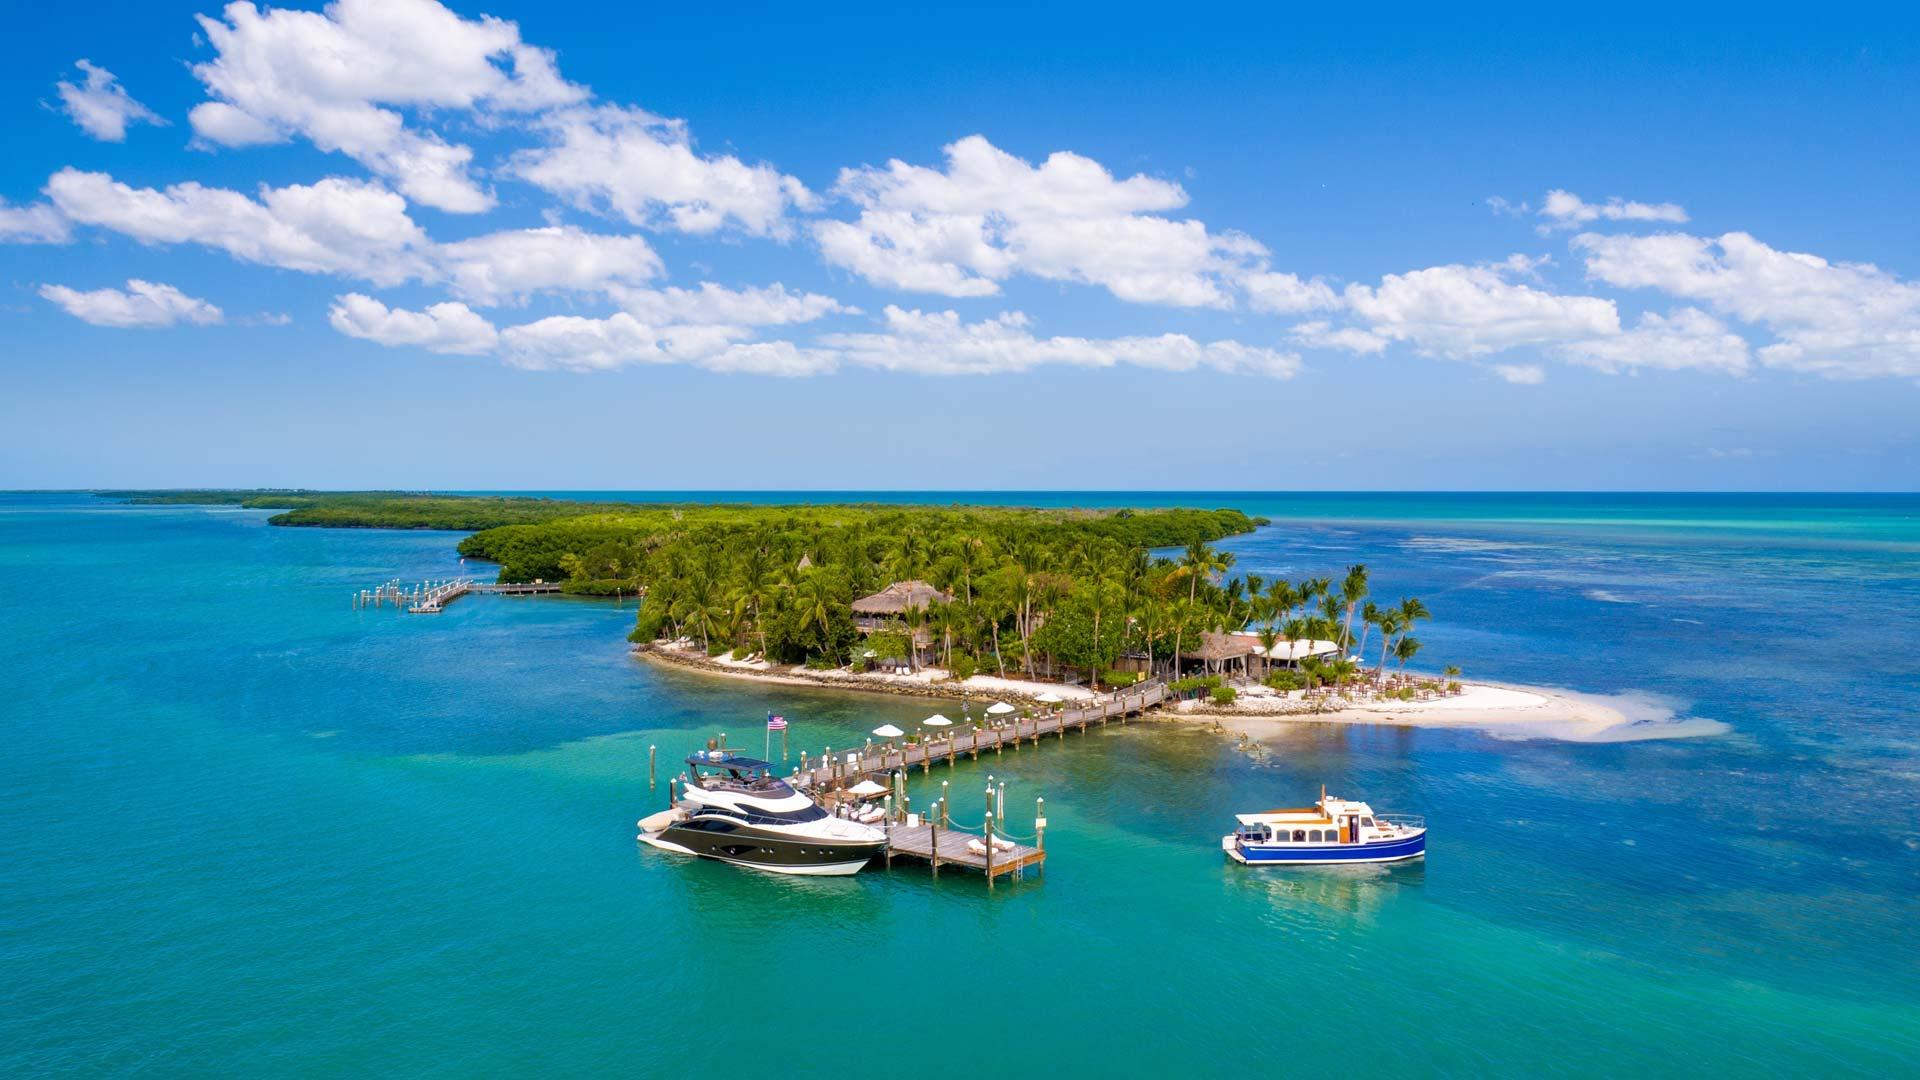 ¿Viajando a Miami? Estos son los hoteles más caros de la ciudad y la zona